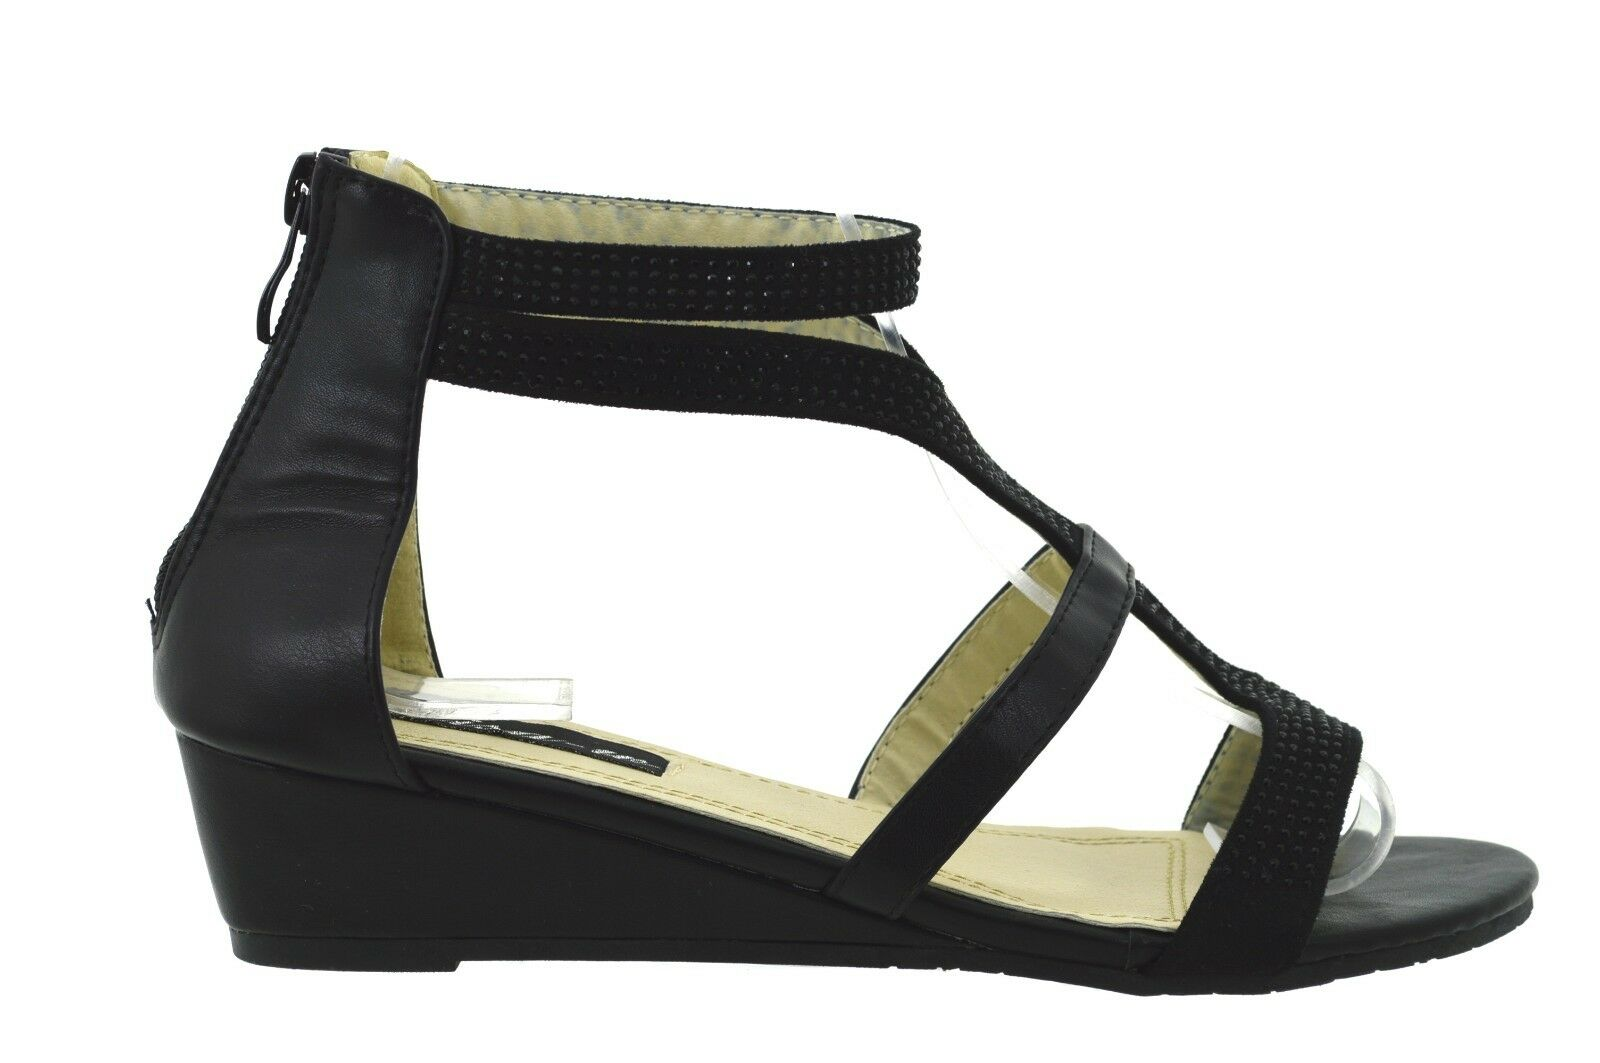 Sandali aperti Gladiatore Donna eleganti sexy scarpe basse estive con strass f54266fa1bf